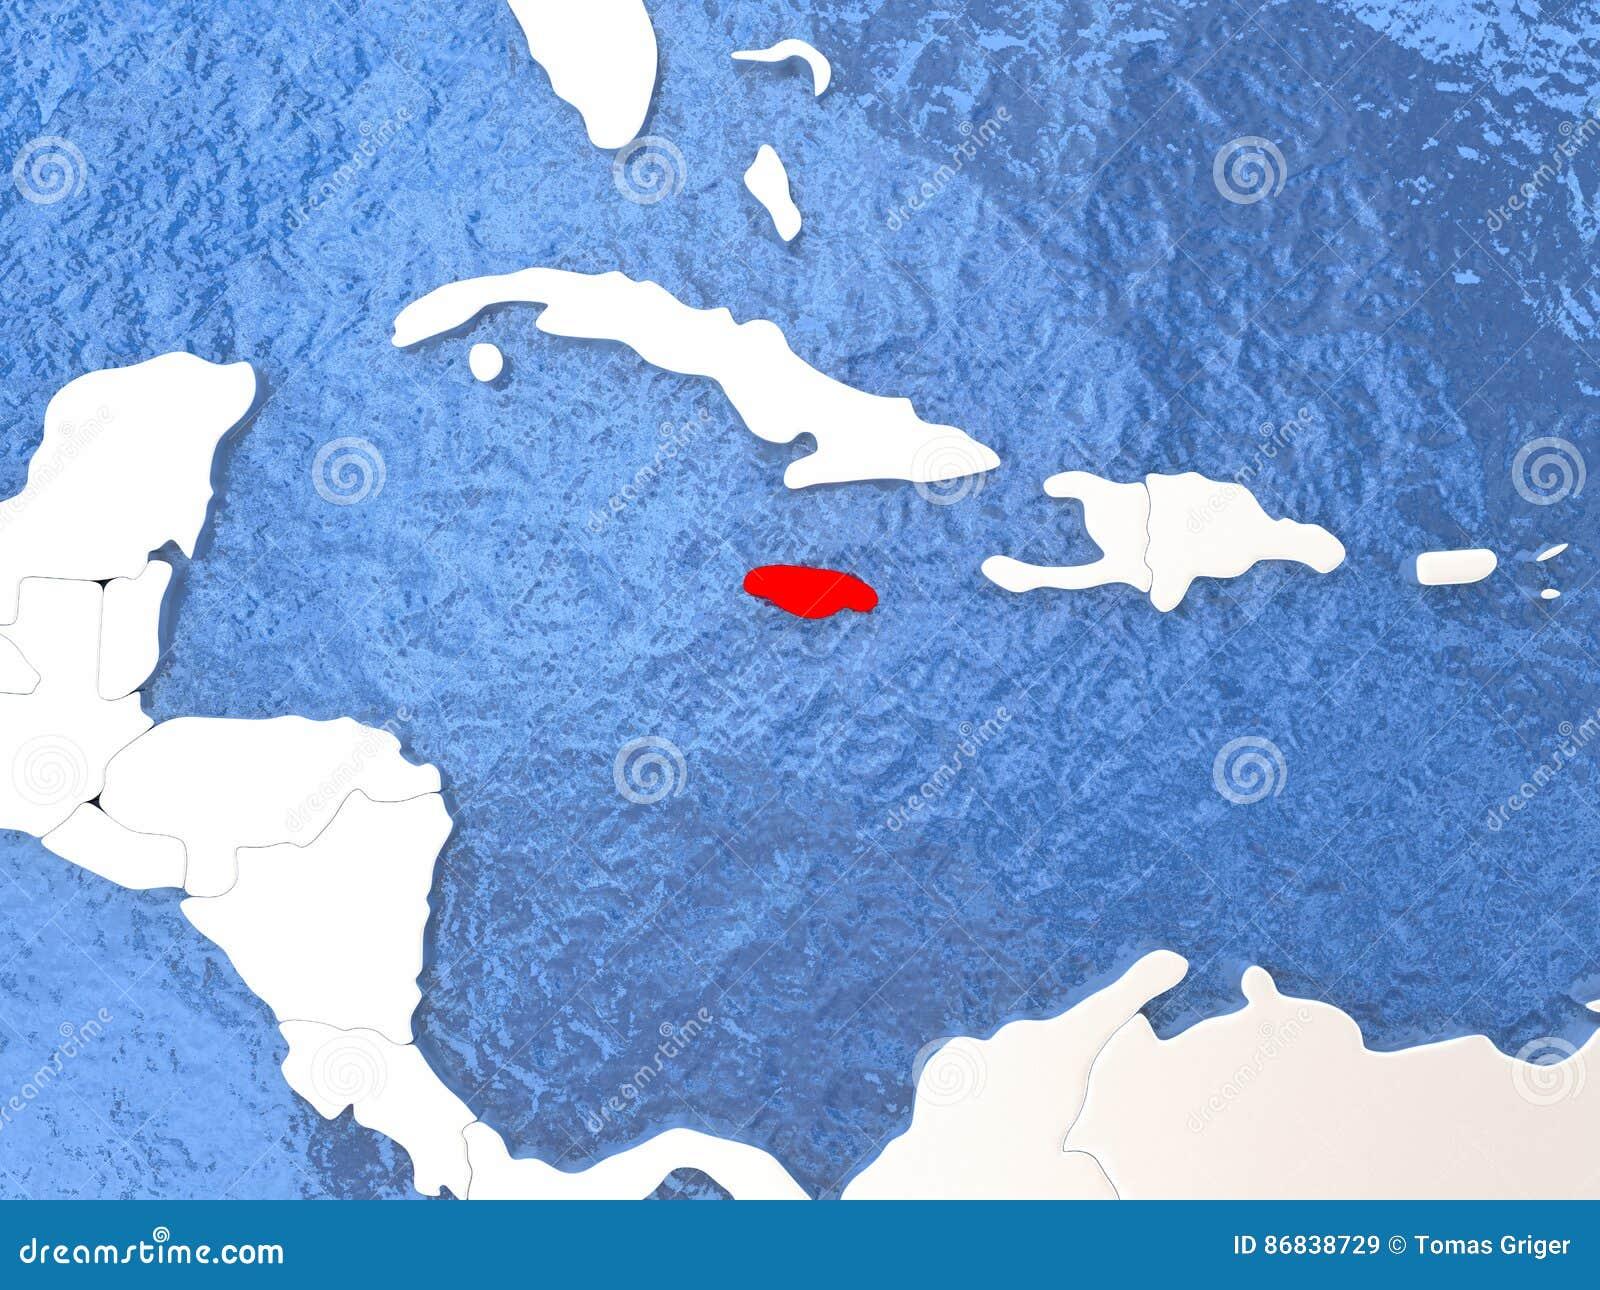 Jamaica on globe stock illustration illustration of illustration jamaica on globe gumiabroncs Gallery